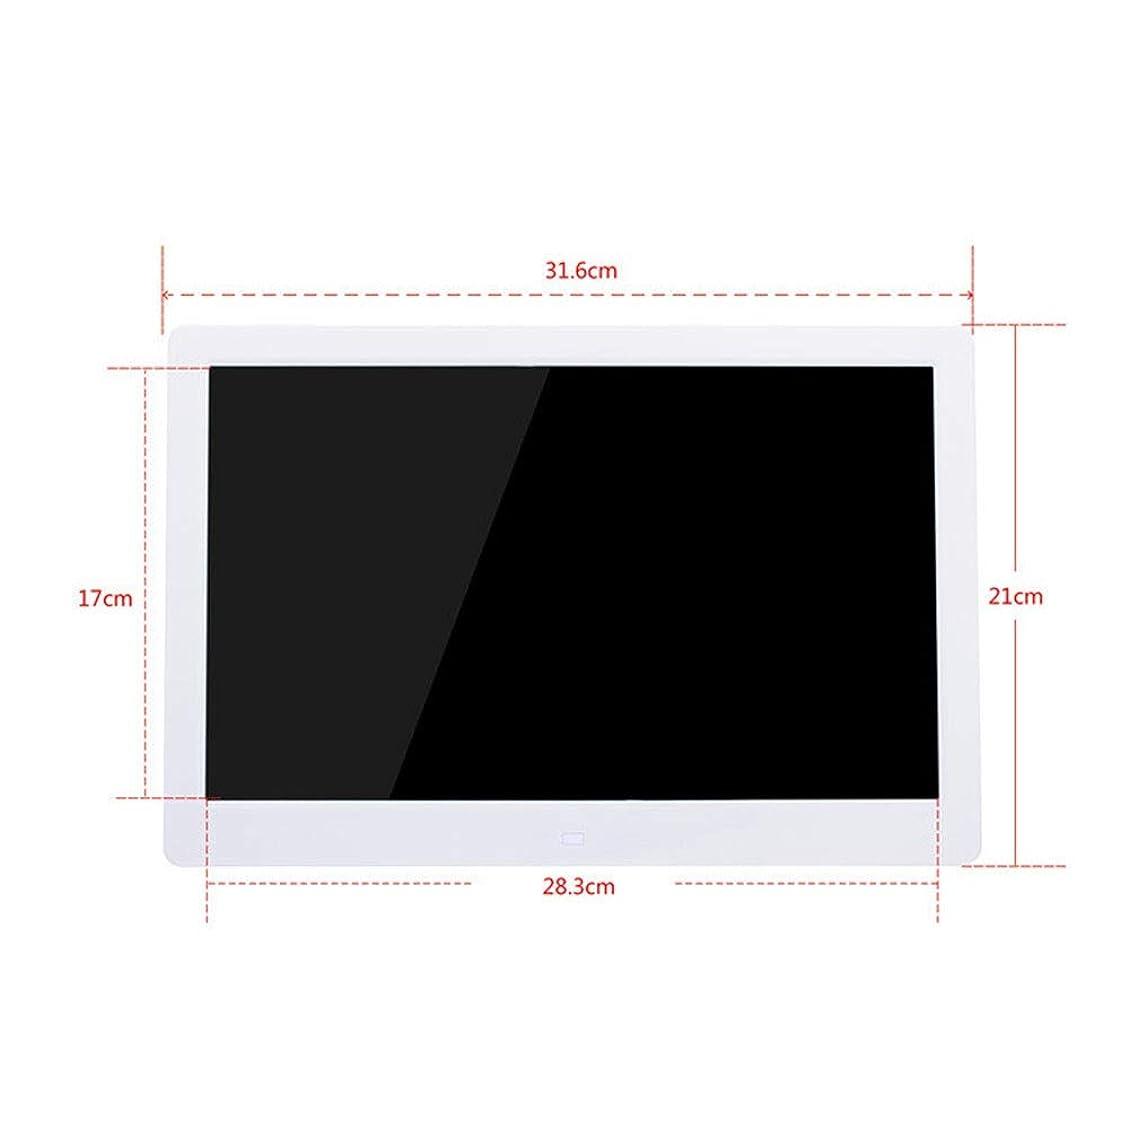 匹敵しますアラビア語泥沼デジタルフォトフレーム 13インチデジタルフォトフレーム1280 * 800ピクセル高解像度LEDスクリーン1080 P HDビデオ再生オートオン/オフタイマーリモコン付属家庭用とオフィス用の両方に最適 ビデオと写真のスライドショーを再生する (Color : White, Size : 13inch)